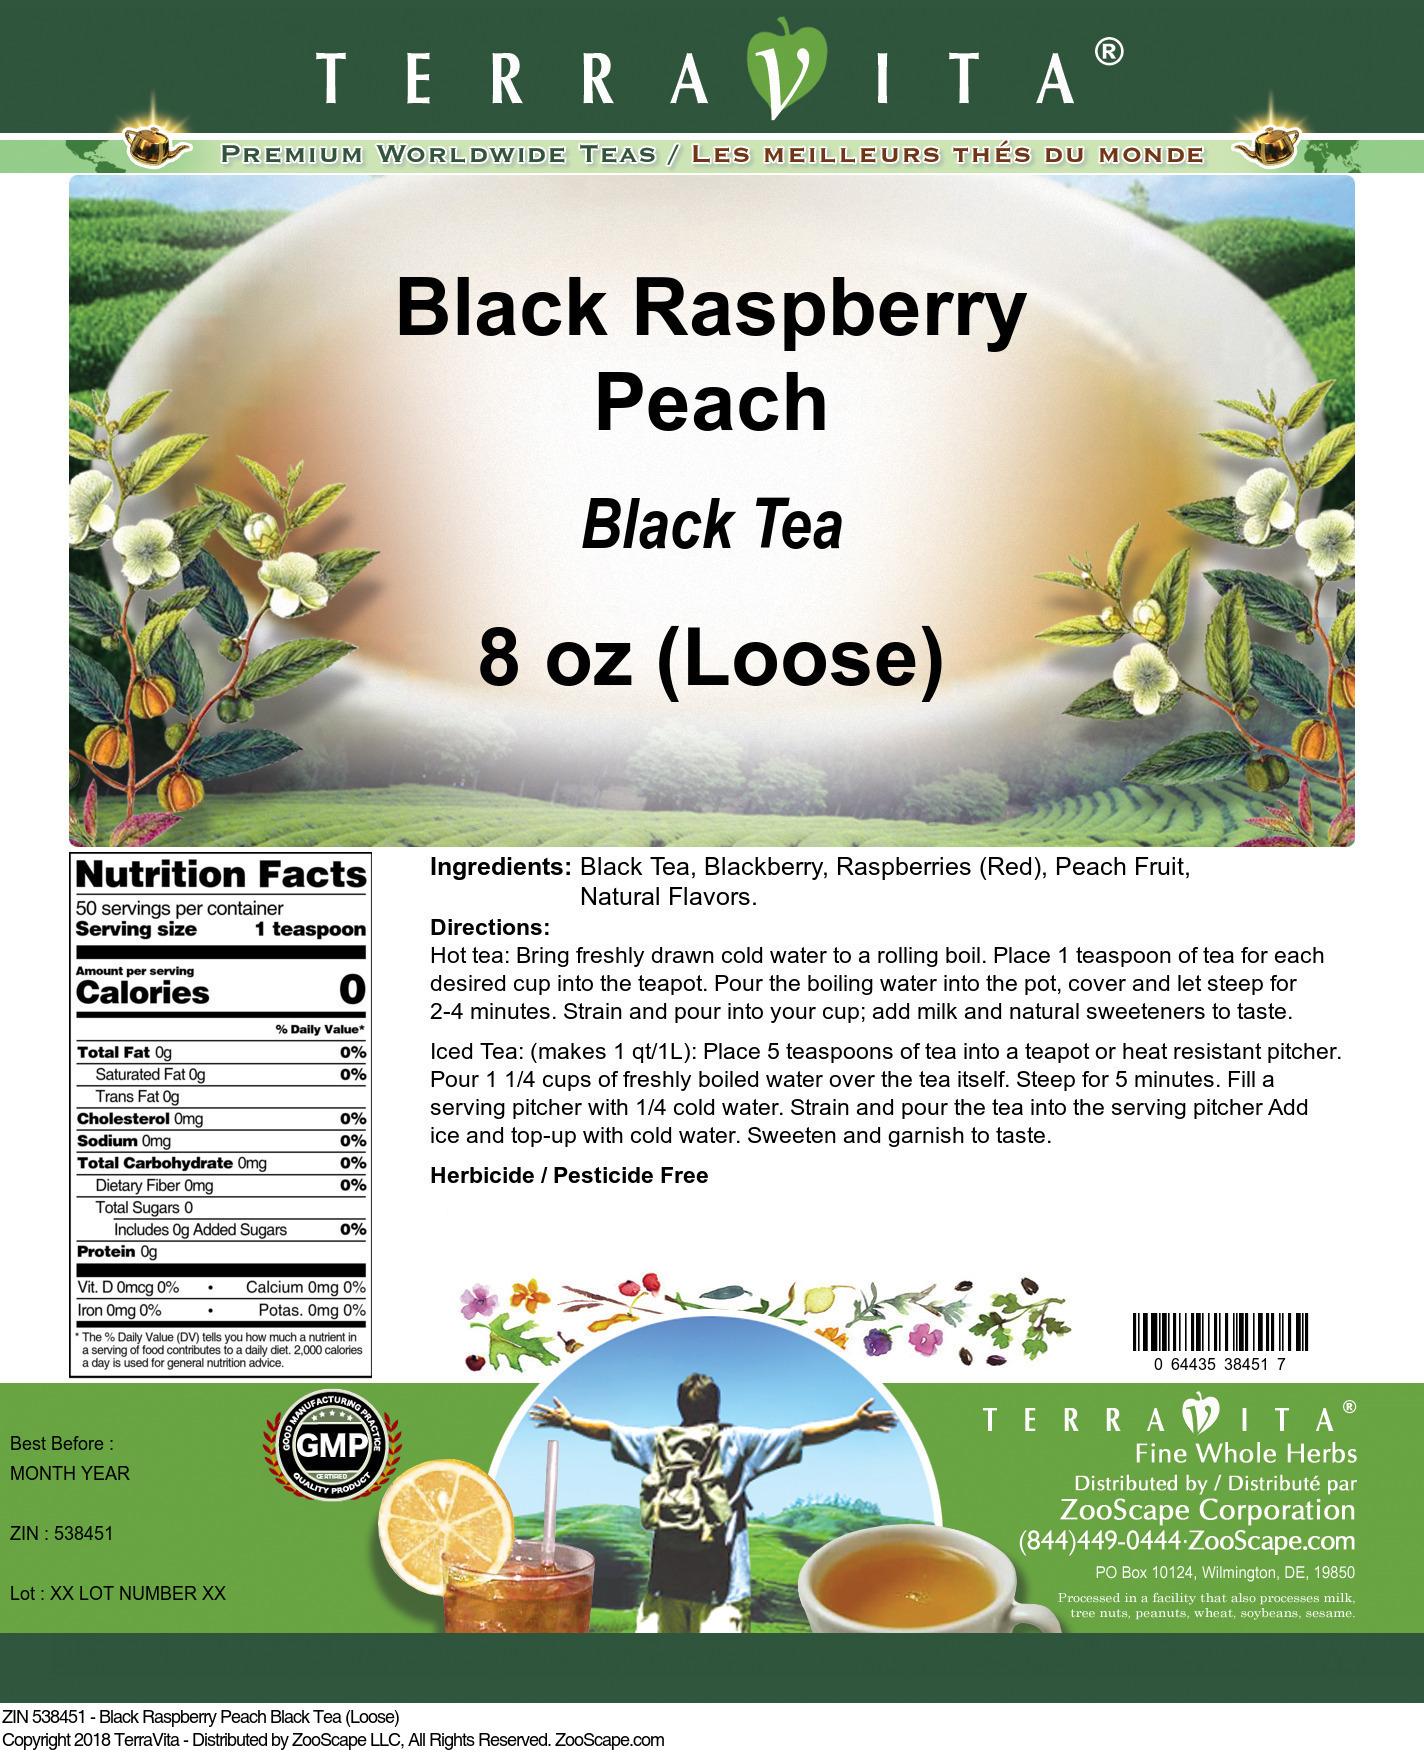 Black Raspberry Peach Black Tea (Loose)